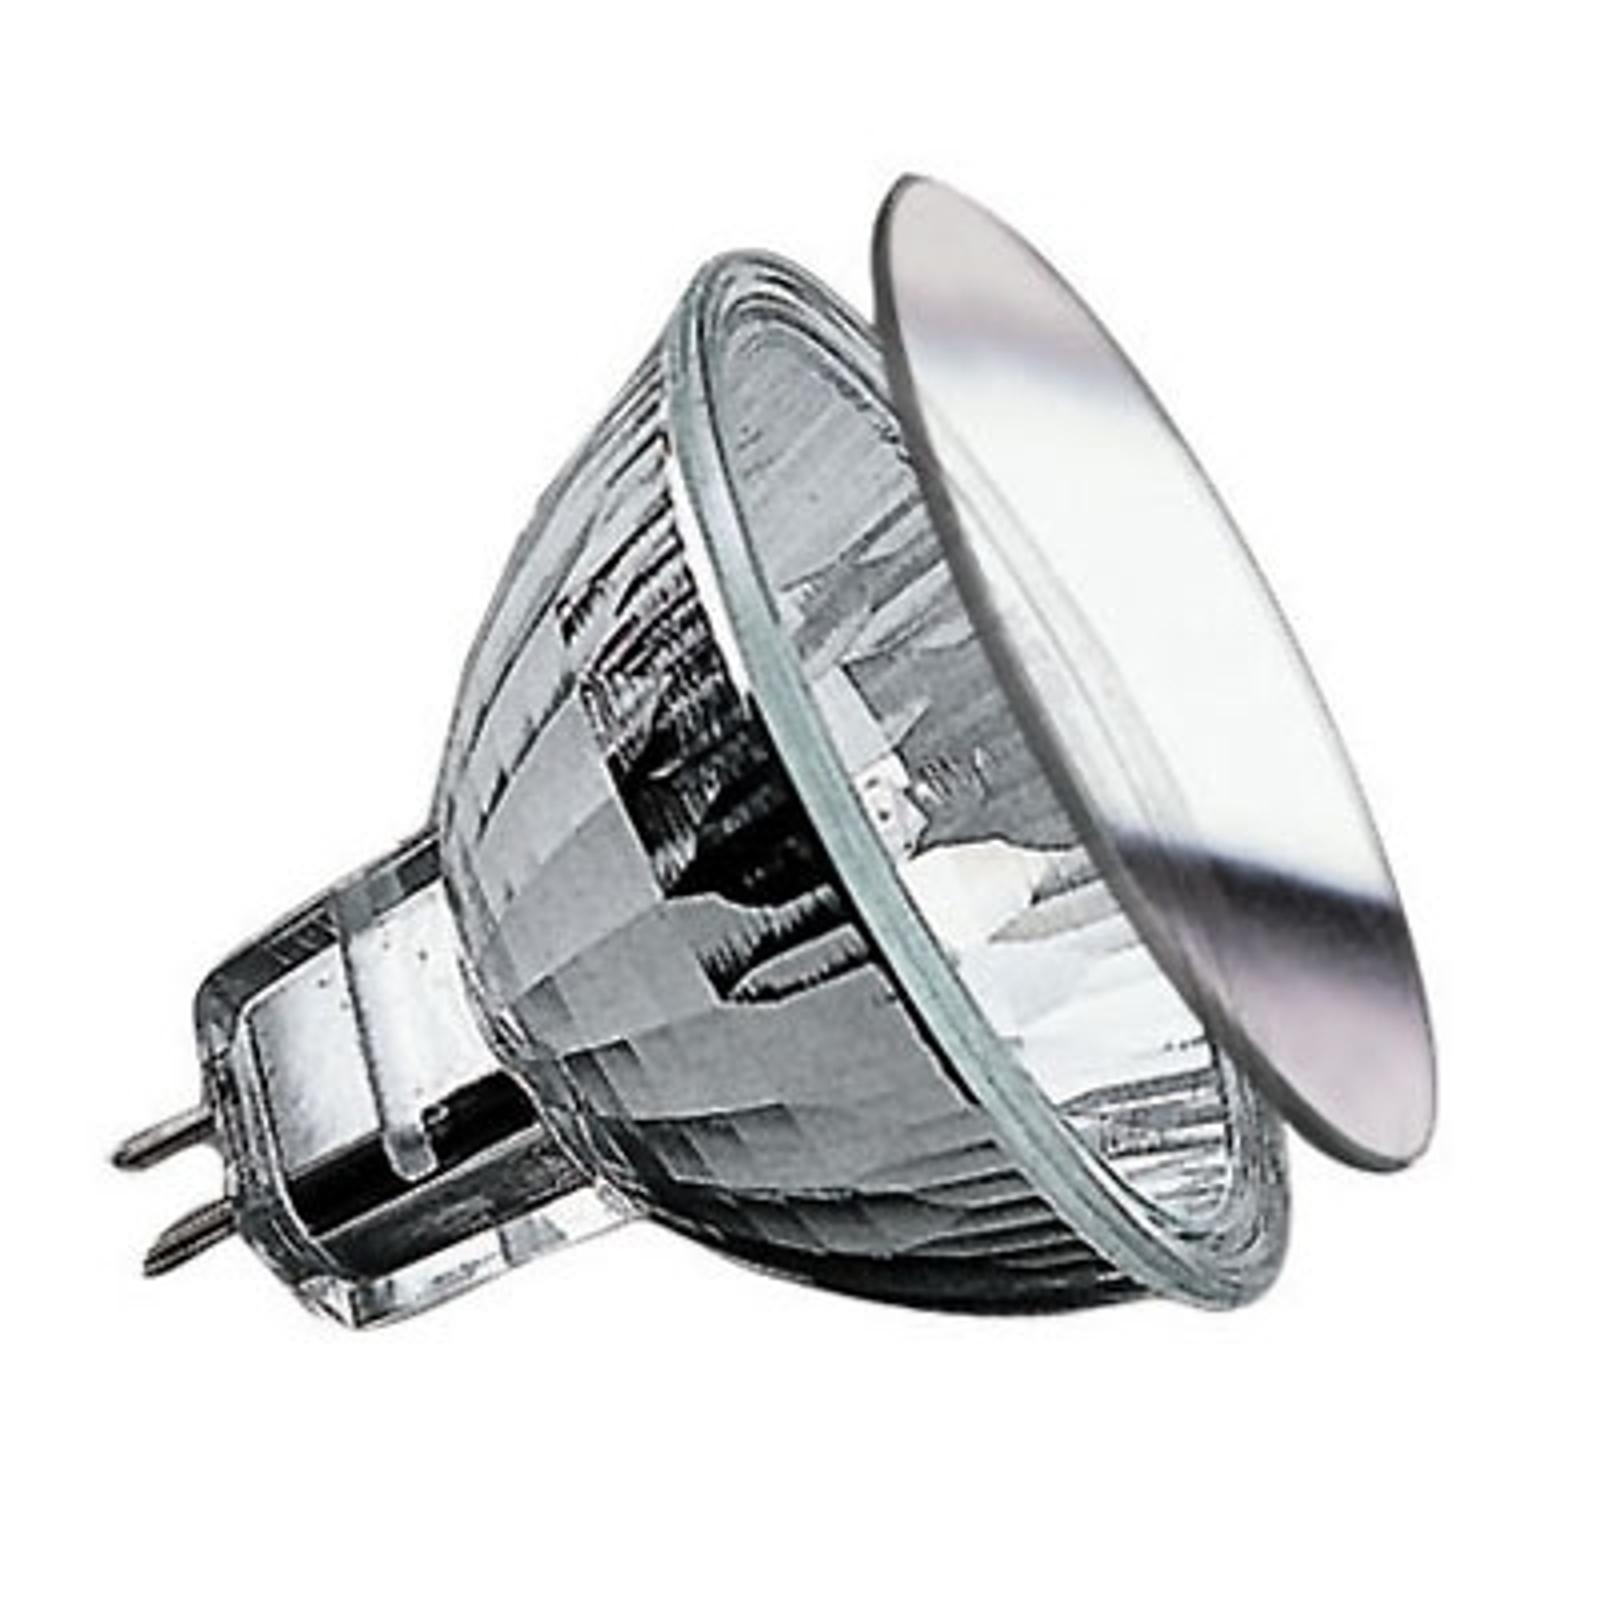 GU5,3 MR16 40W lampadina a riflettore Security Alu